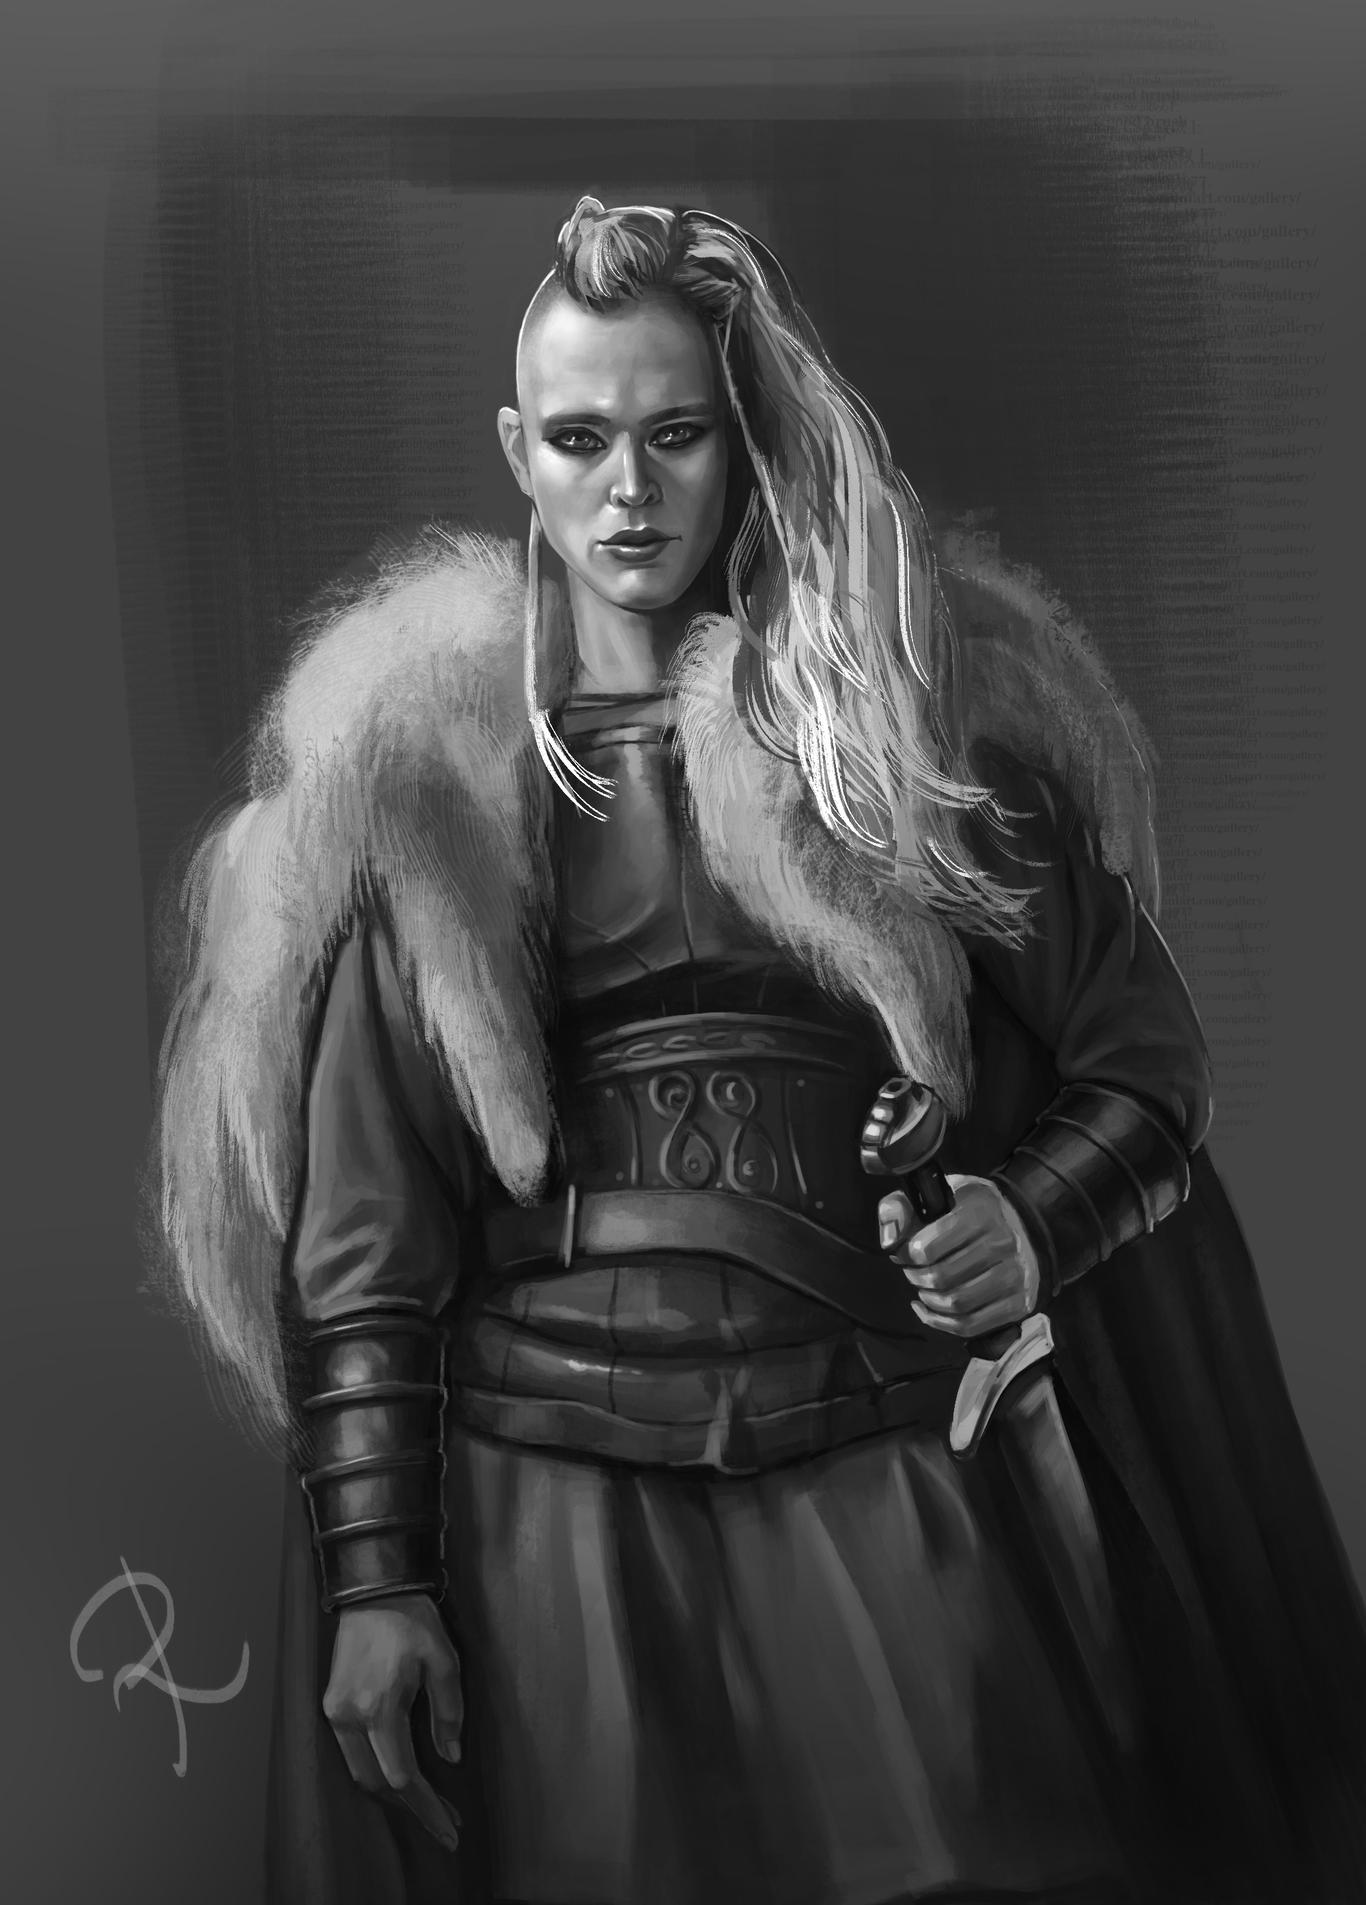 Сделать, прикольные картинки девушка викинги